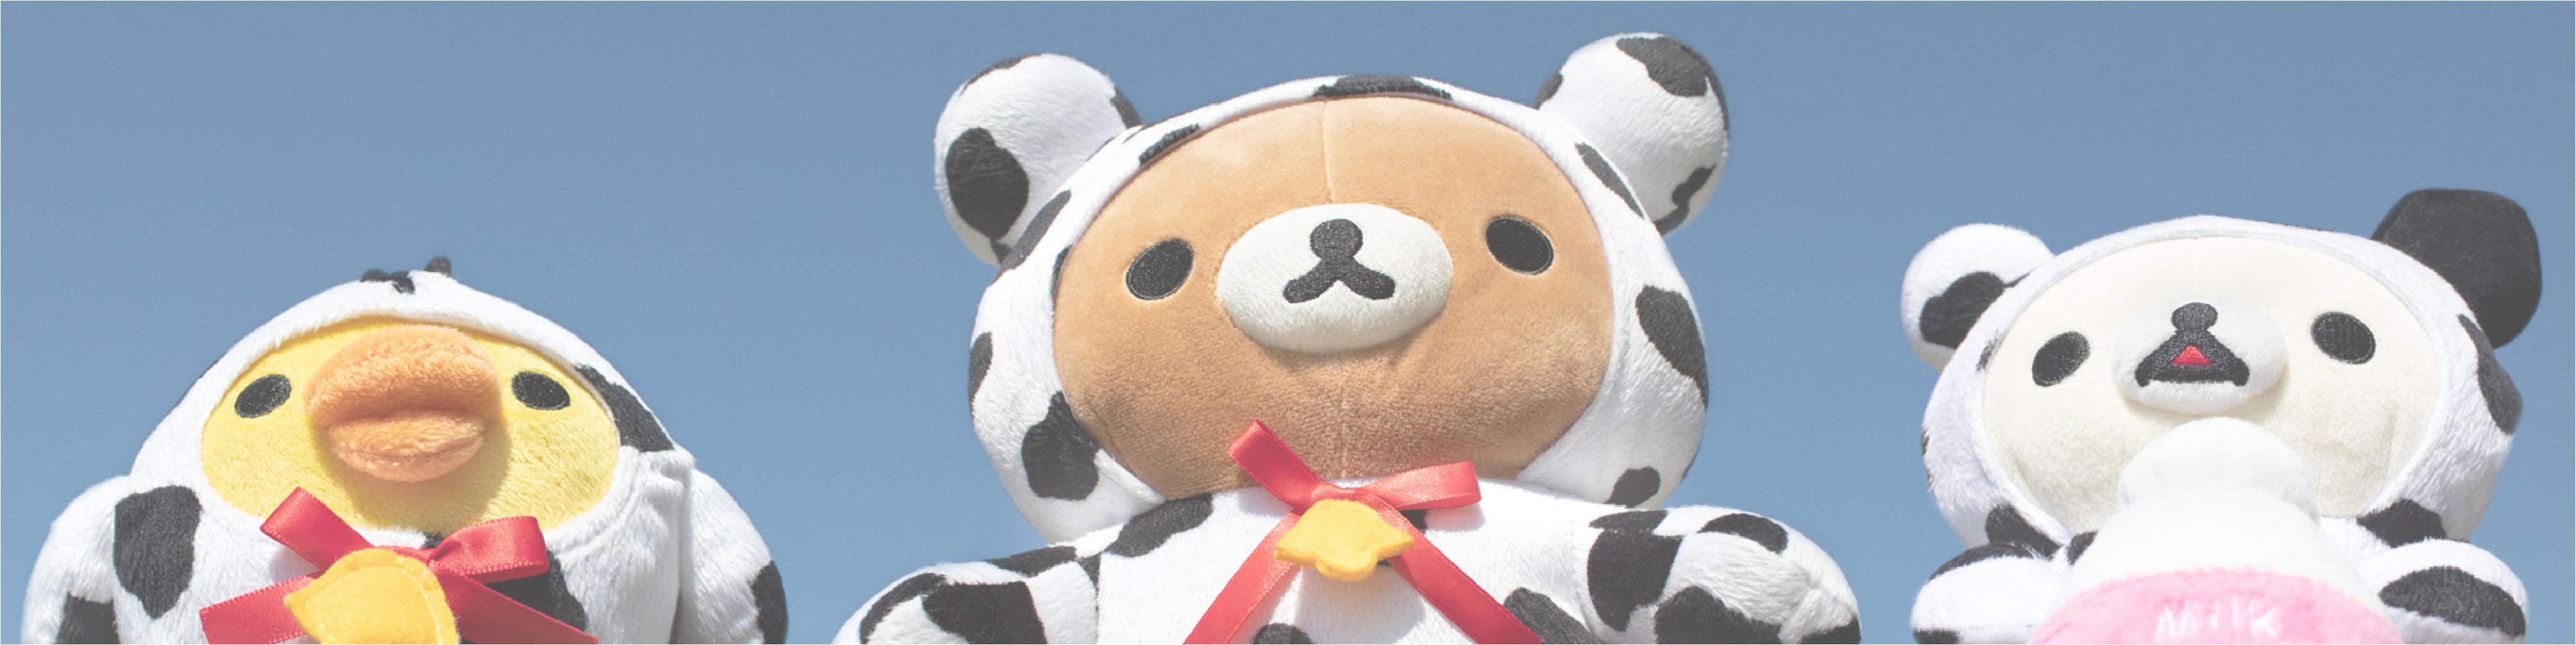 cow-series.jpg